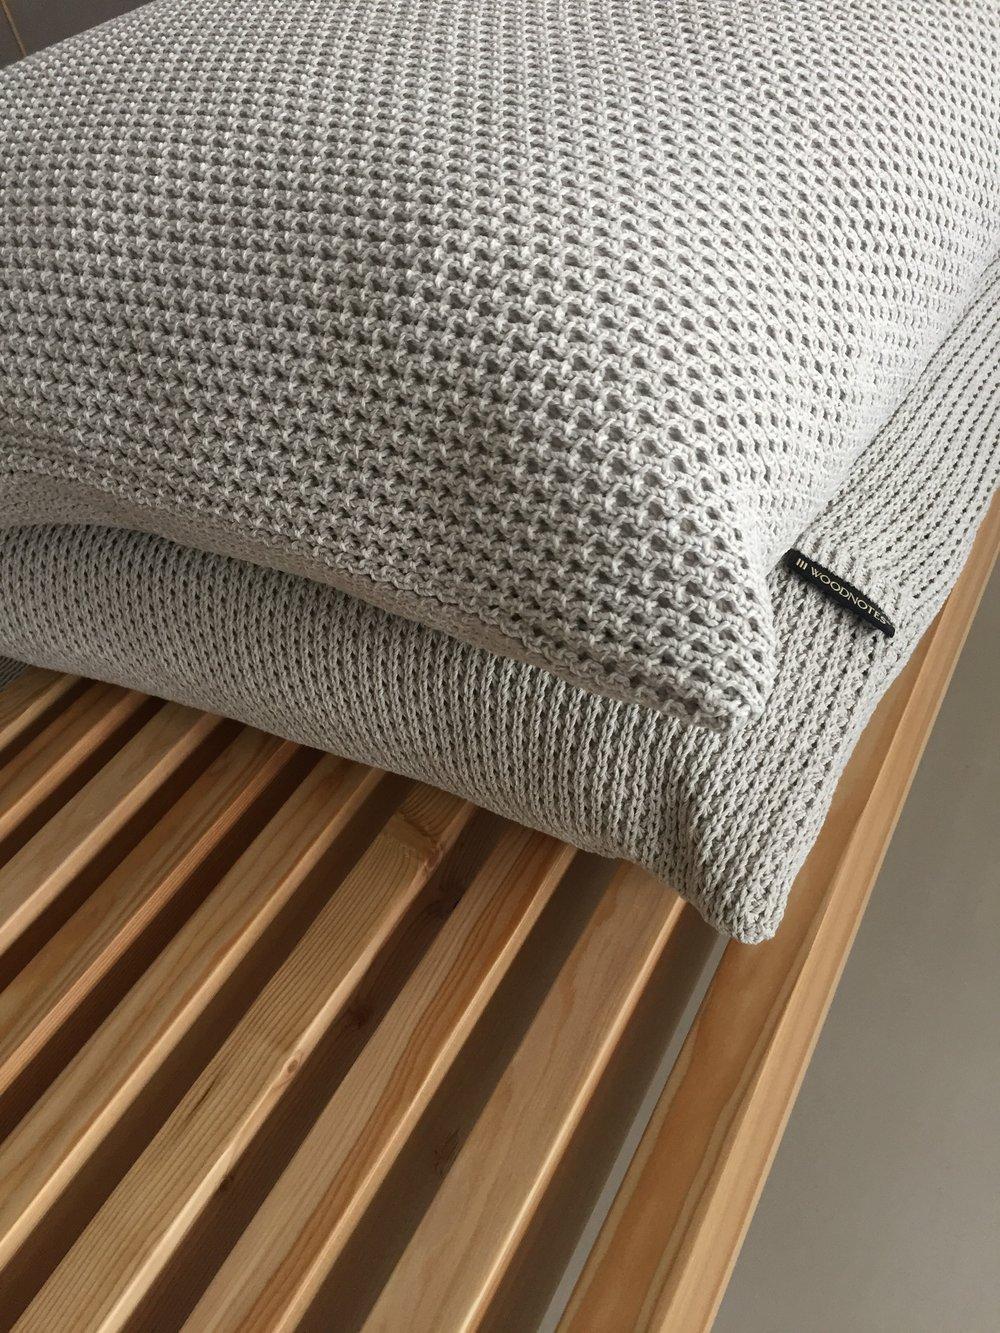 Outdoor cushions are designed for e.g. terrace use. Four colour options. Size 55x55 cm. ..Nämä tyynyt on suunniteltu erityisesti ulkotilakäyttöön. Neljä väriä. Koko 55x55 cm.